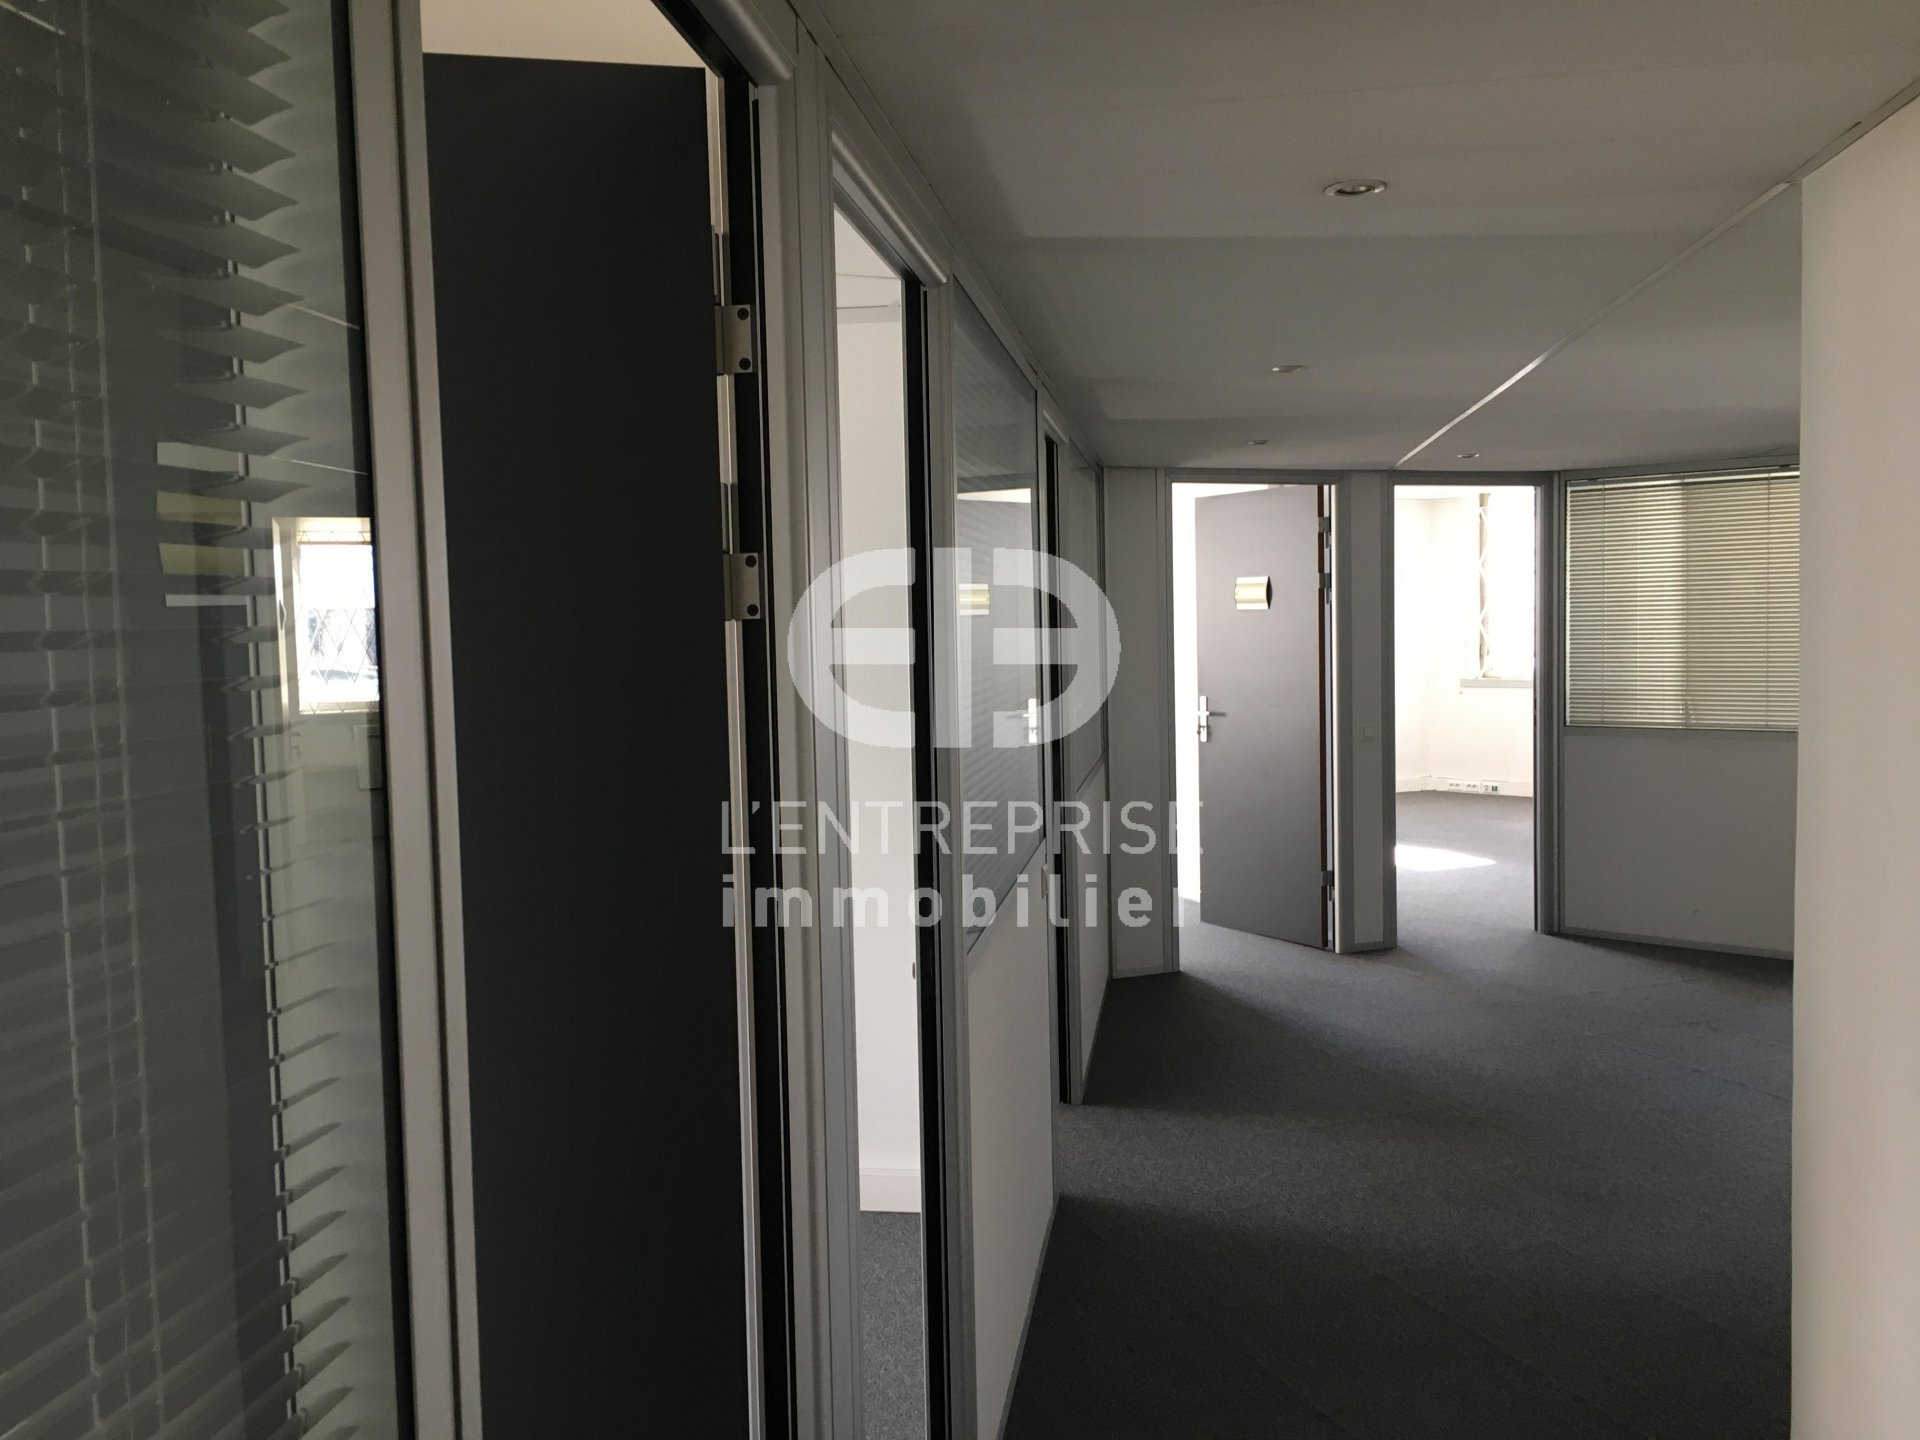 A LOUER, BUREAUX 132 m², SECTEUR NICE OUEST